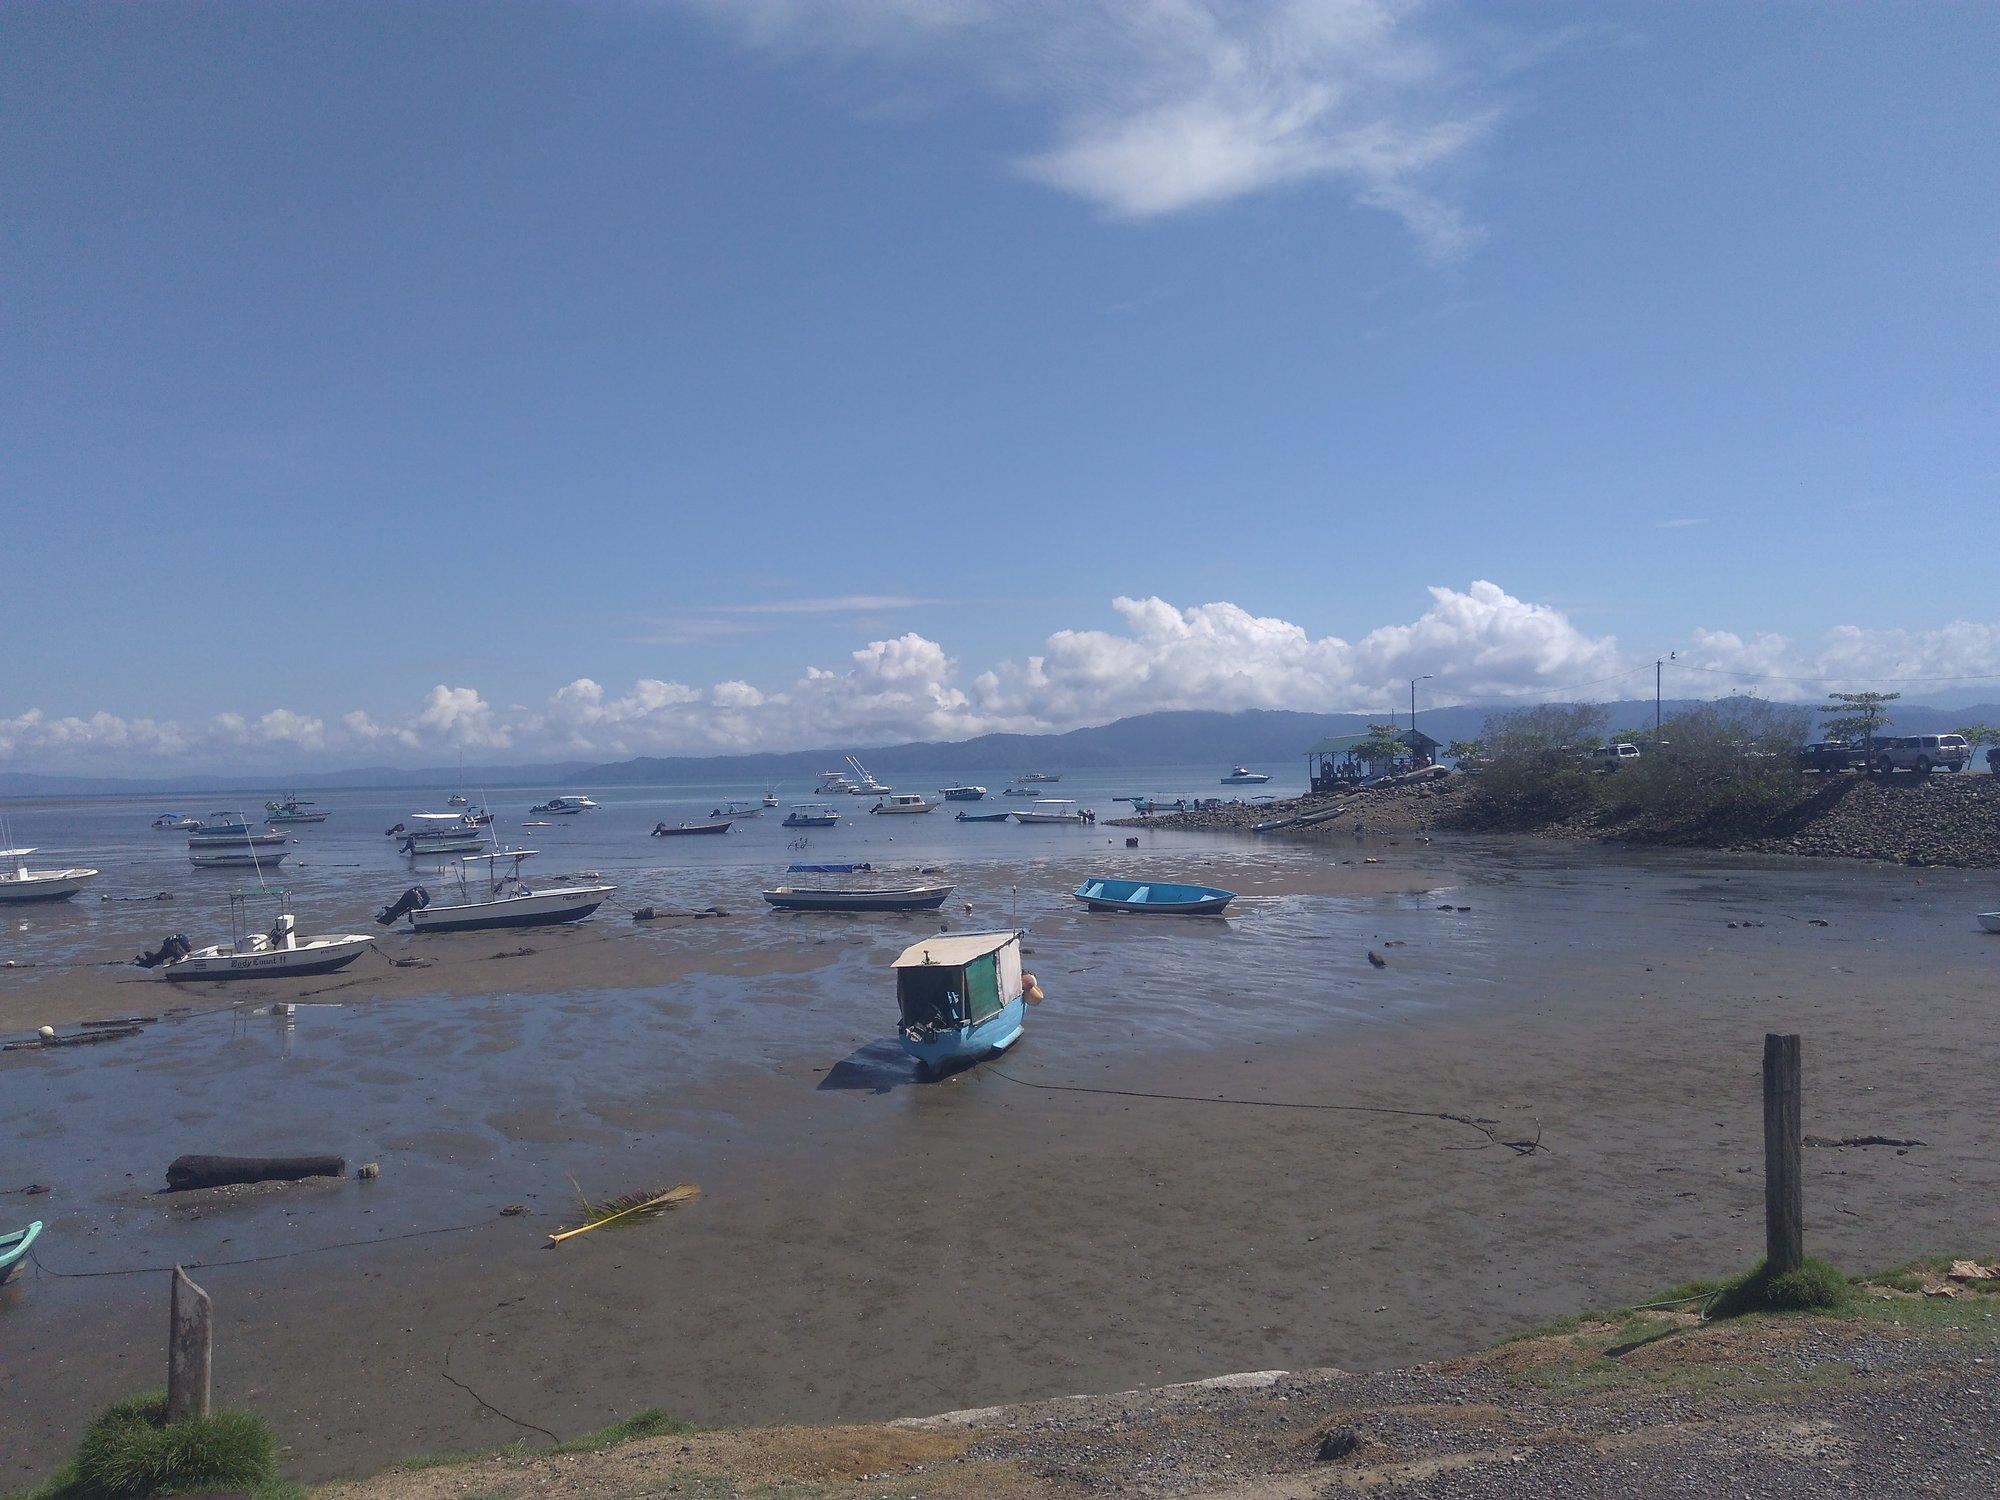 malý přístav při odlivu v Puerto Jiménez